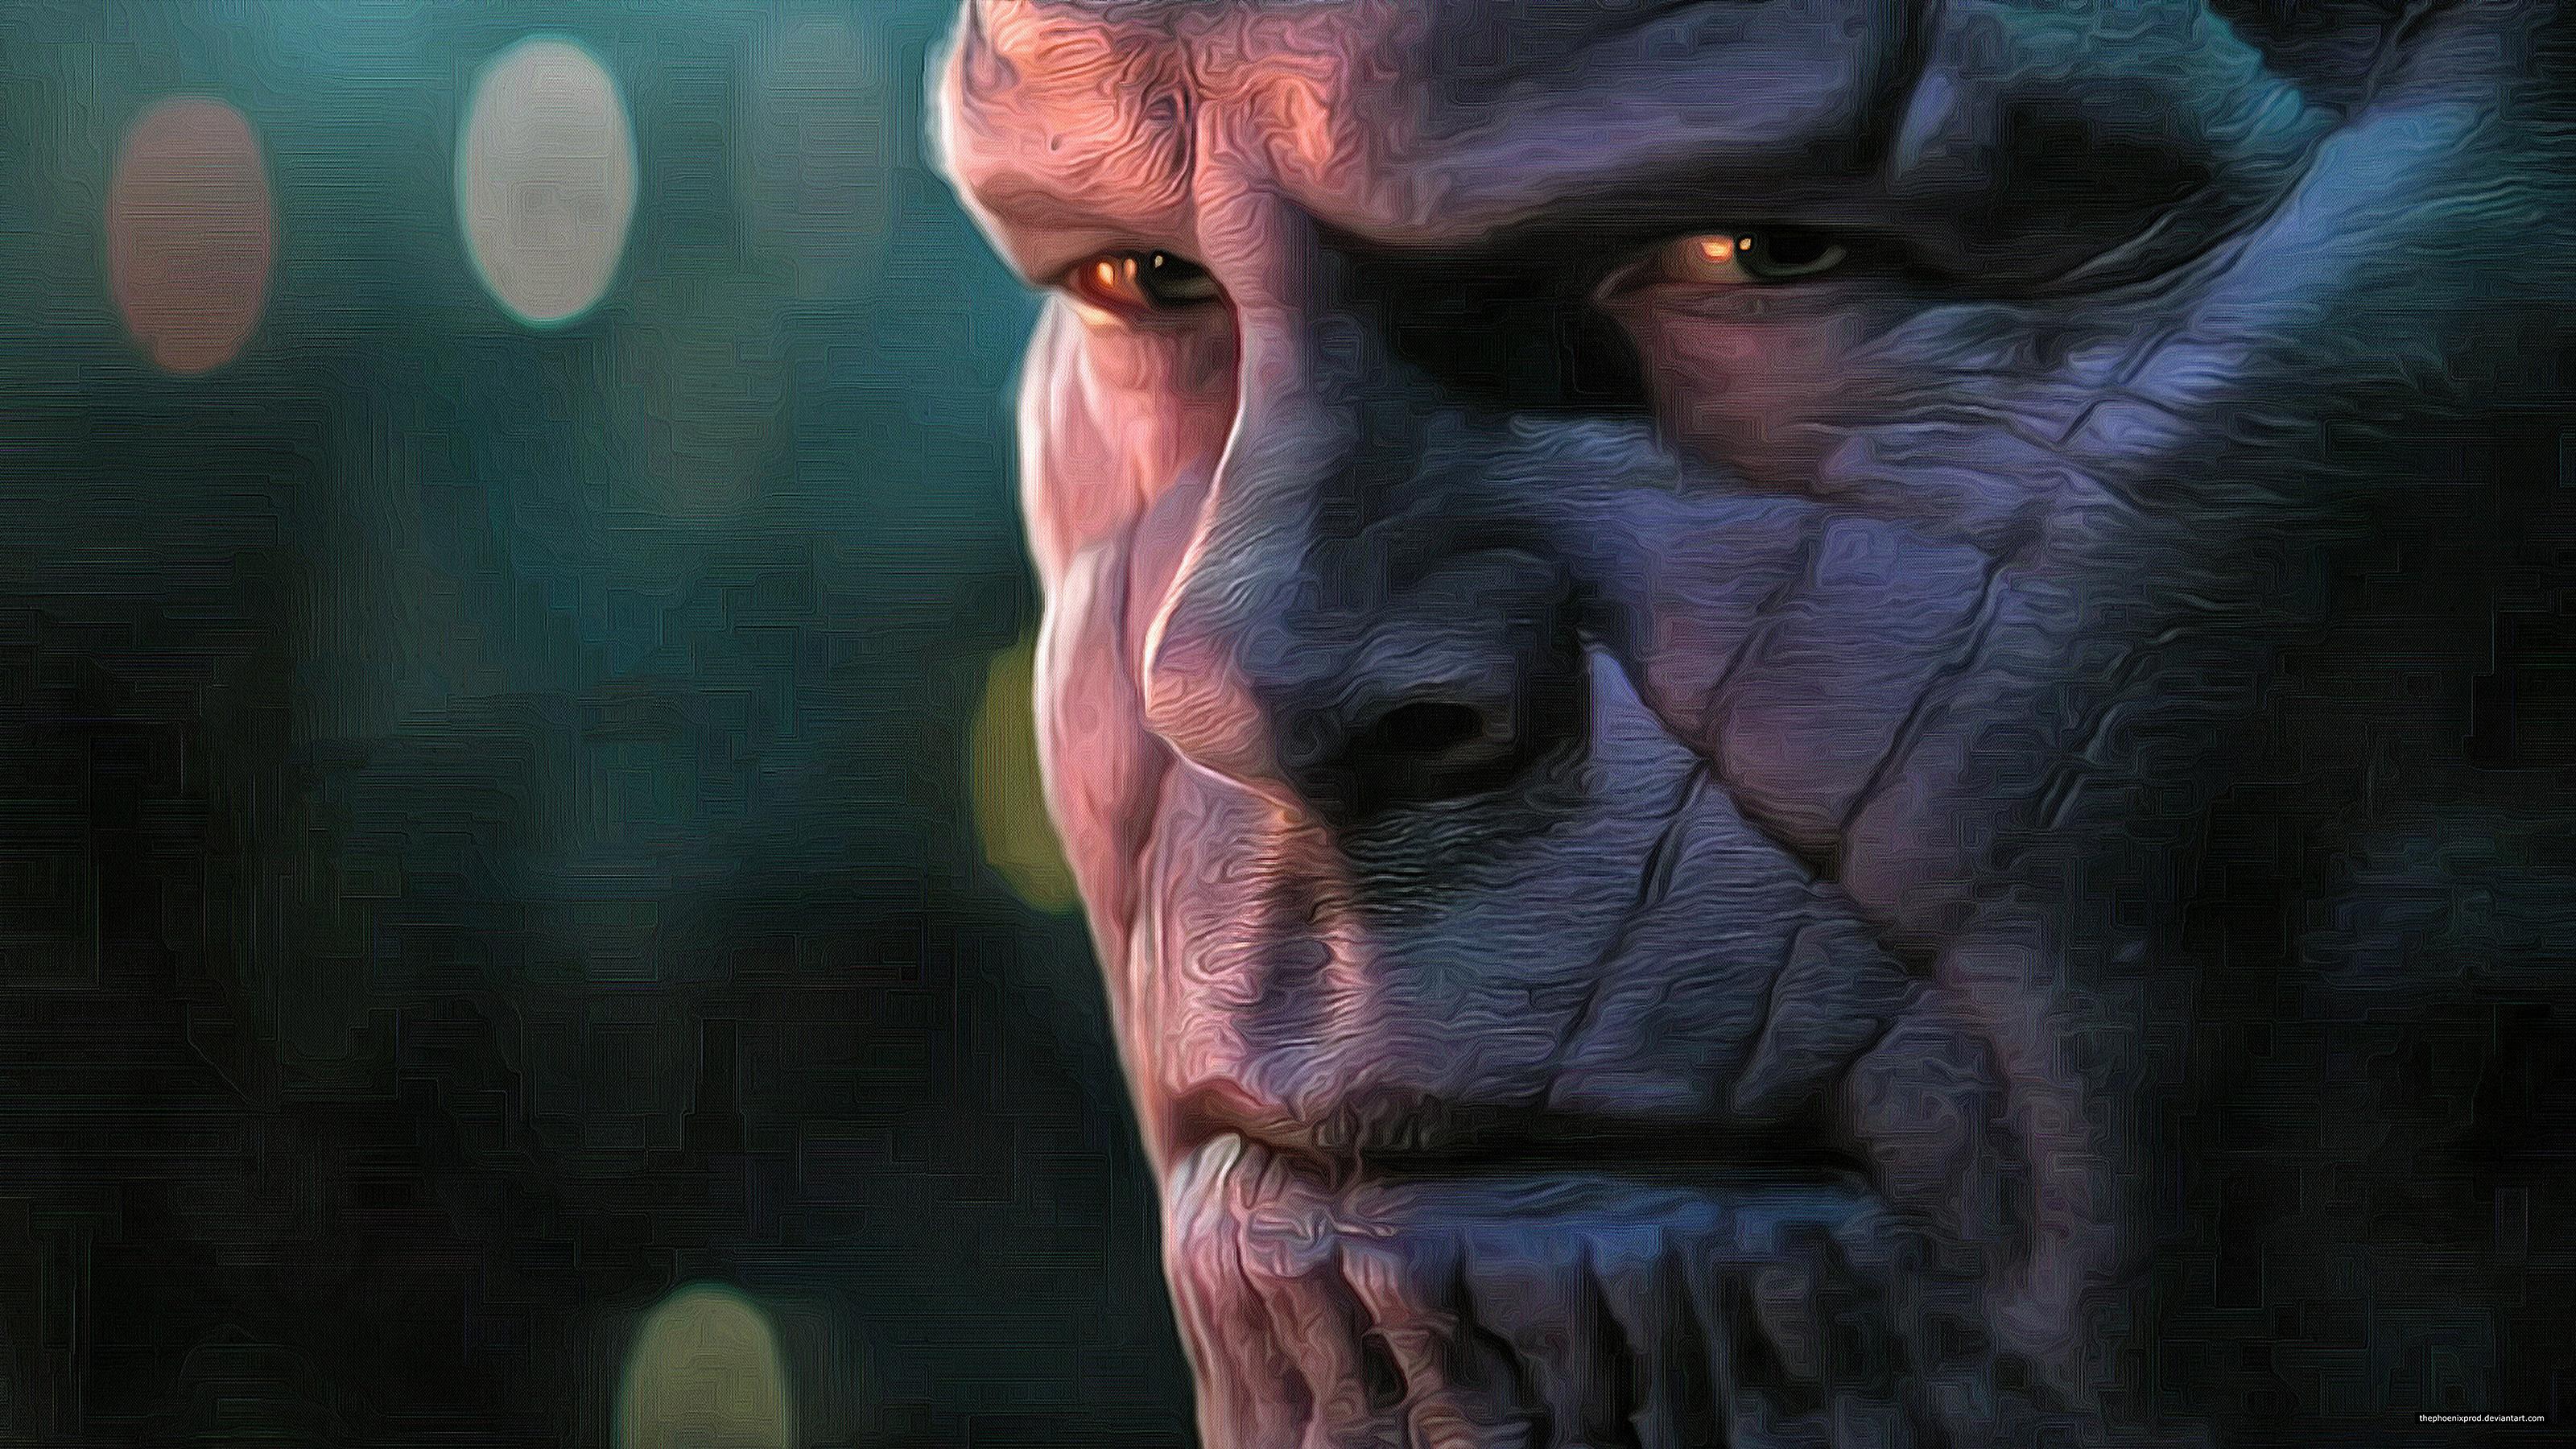 Wallpaper Thanos Avengers Infinity War Artwork Hd: Thanos In Avengers Infinity War 2018 4k Artwork, HD Movies